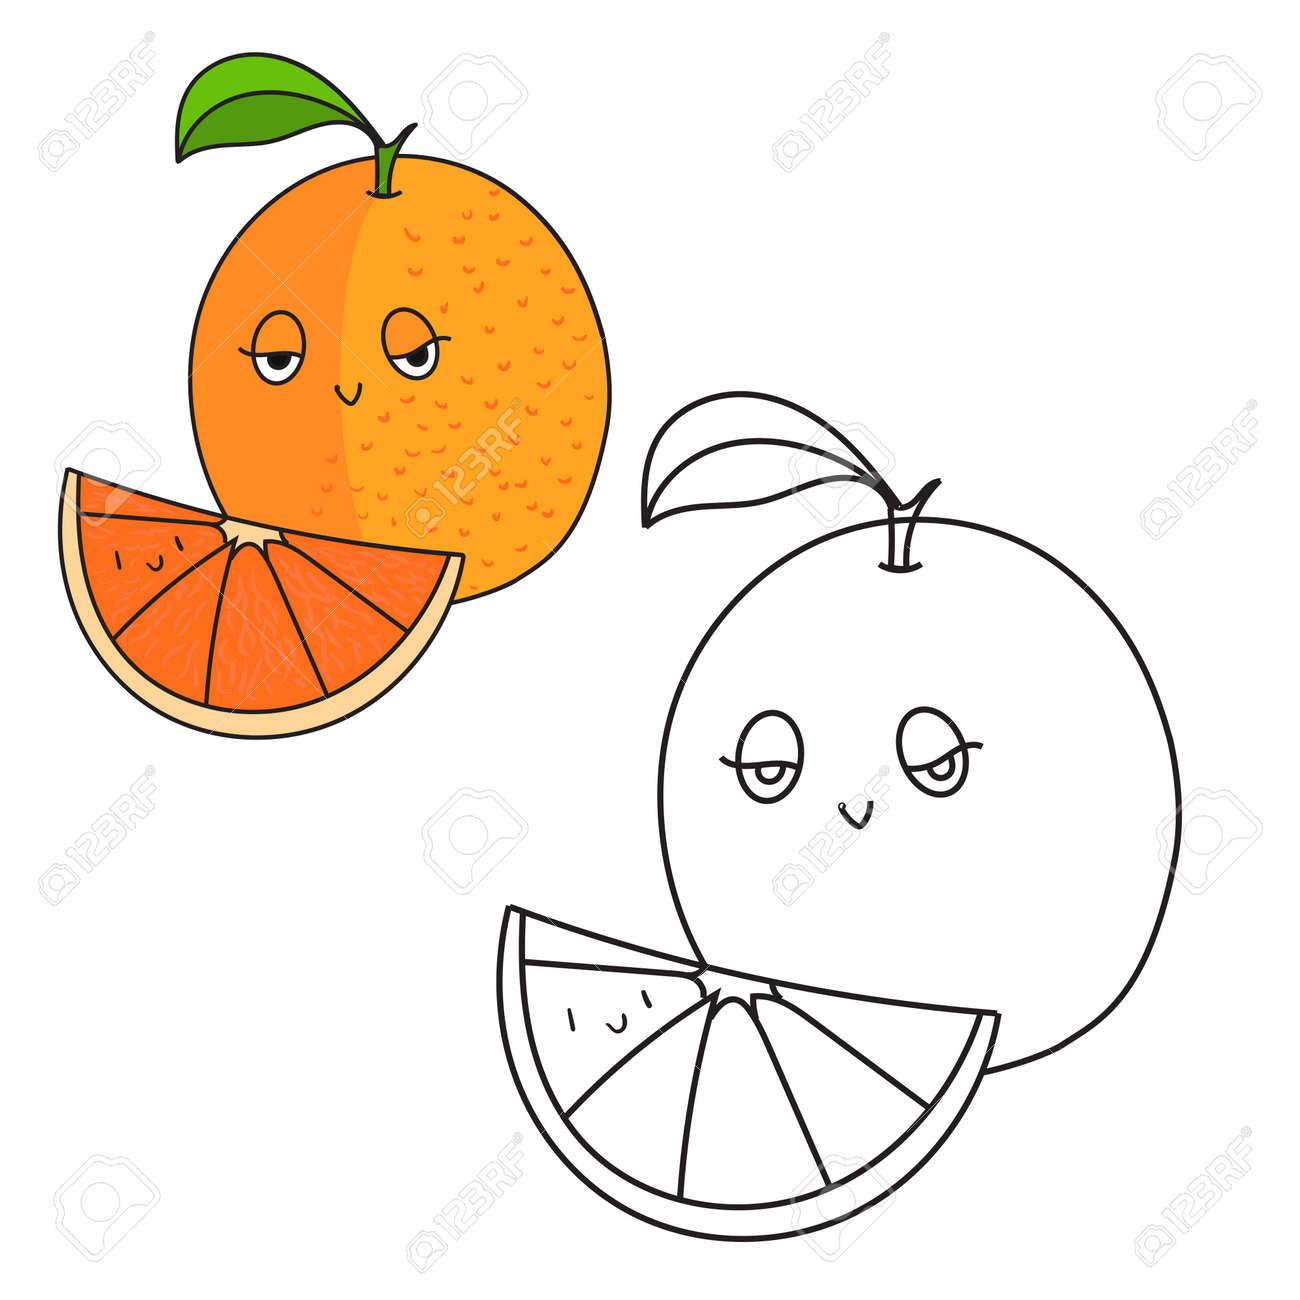 Educacion Para Colorear Juego De Frutas De Color Naranja Bosquejo De